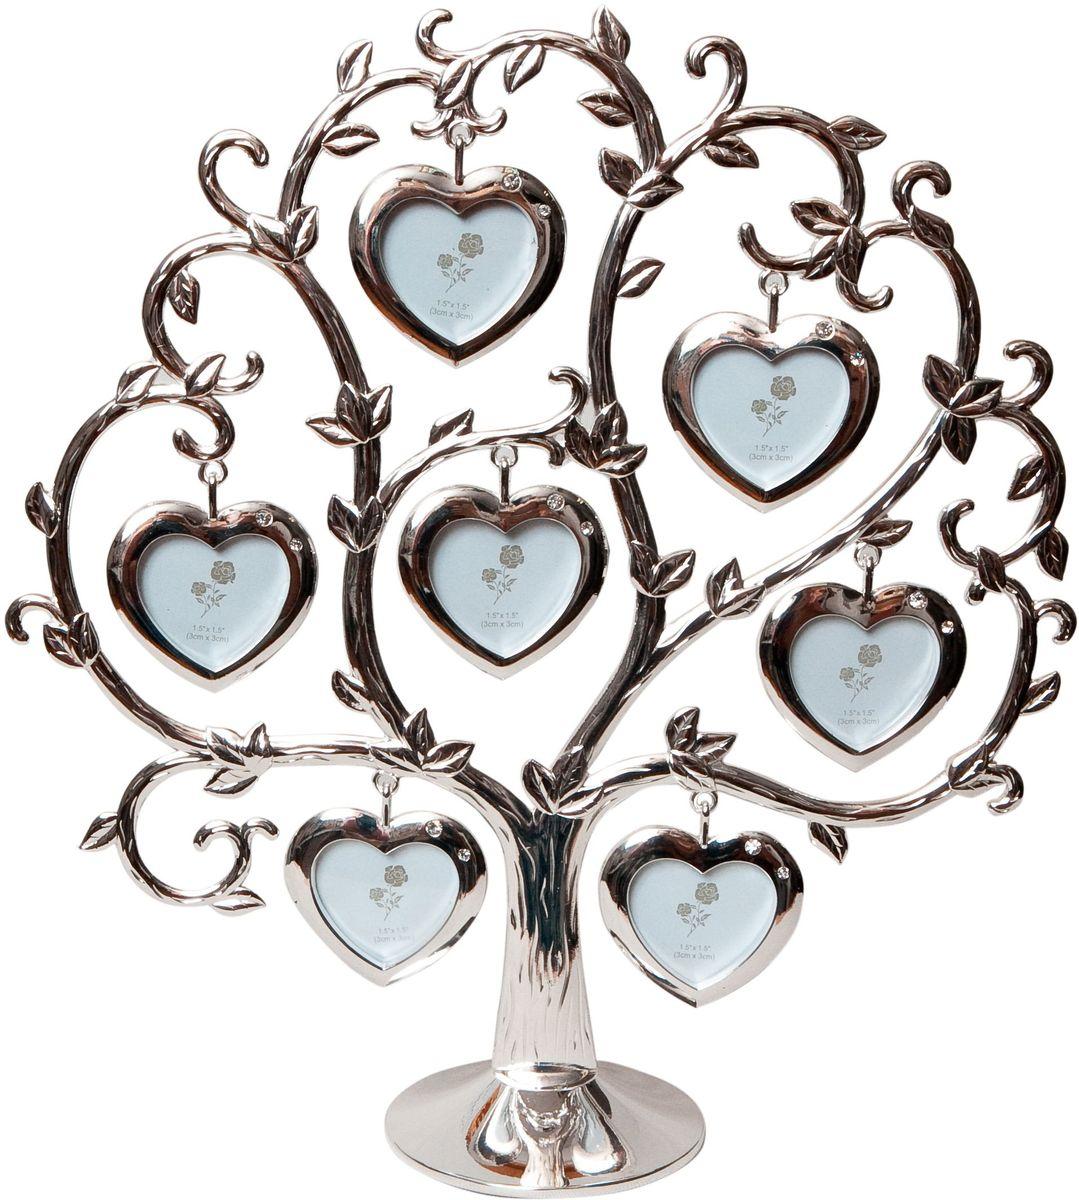 Фоторамка декоративная Platinum Дерево. Сердца, на 7 фото, высота 25 см. PF9460CS7 фоторамок на дереве PF9460CSРодословное дерево с 7-ю подвесными фоторамками в виде сердец, с фото 4x4 см.